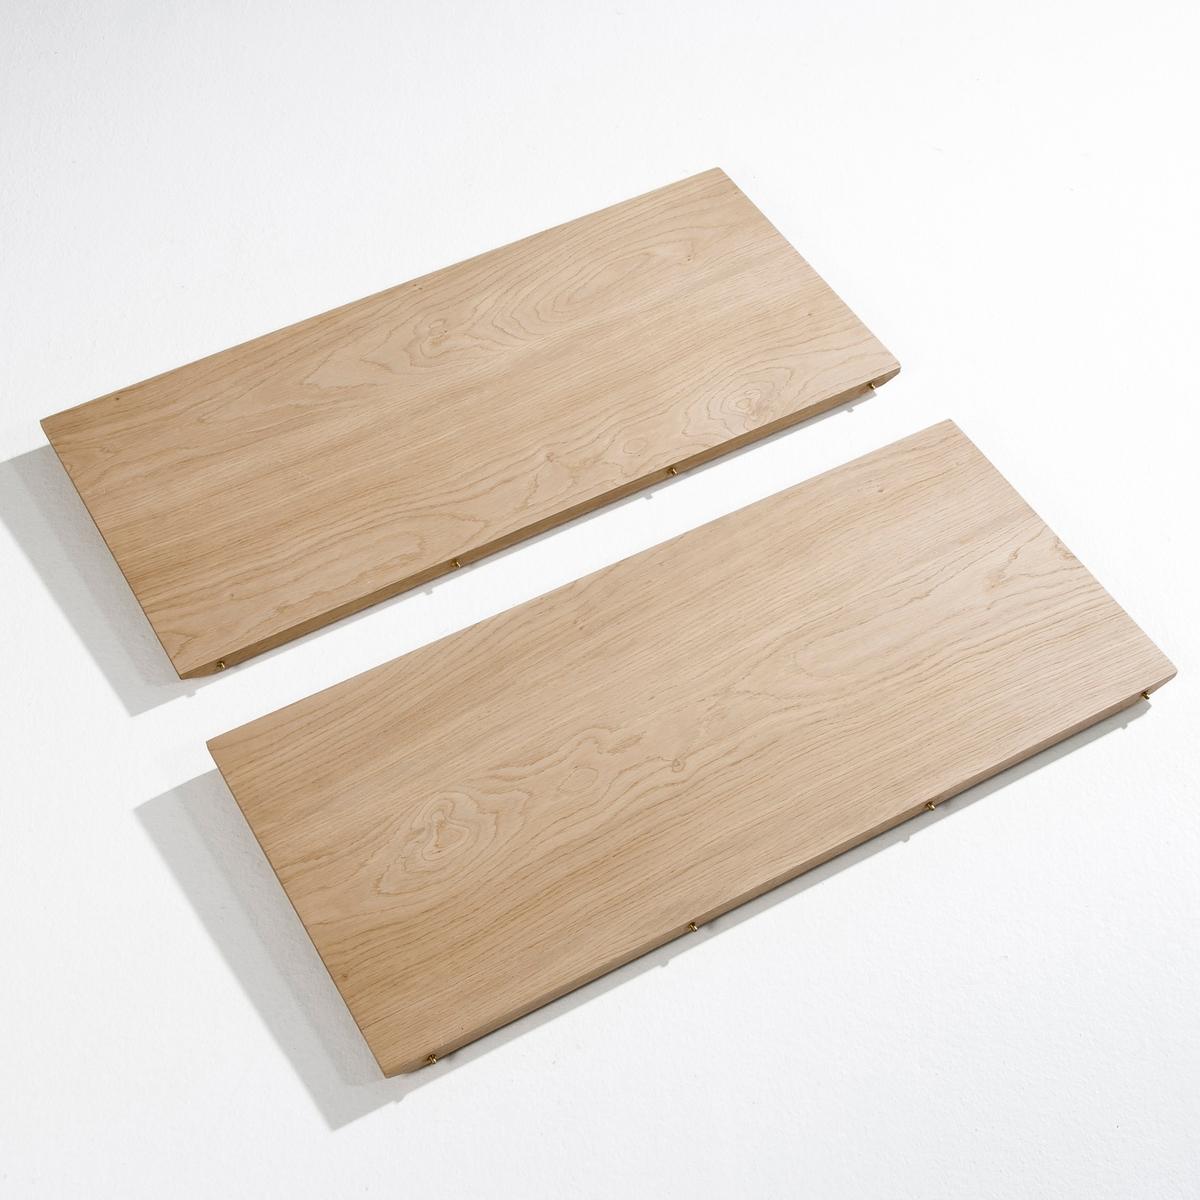 2 дополнительных секции для стола  BuondiХарактеристики:- МДФ, лакированный дуб.Размеры:- Дл. 40 x Выс. 2,2 x Гл. 90 смРазмеры и вес упаковки:- Дл. 102 x Выс. 10 x Гл. 51,5 см, 14 кгДоставка на домВаш товар будет доставлен по назначению, даже на этажВнимание! Пожалуйста, убедитесь, что упаковка пройдет через проемы (двери, лестницы, лифты)<br><br>Цвет: натуральный дуб